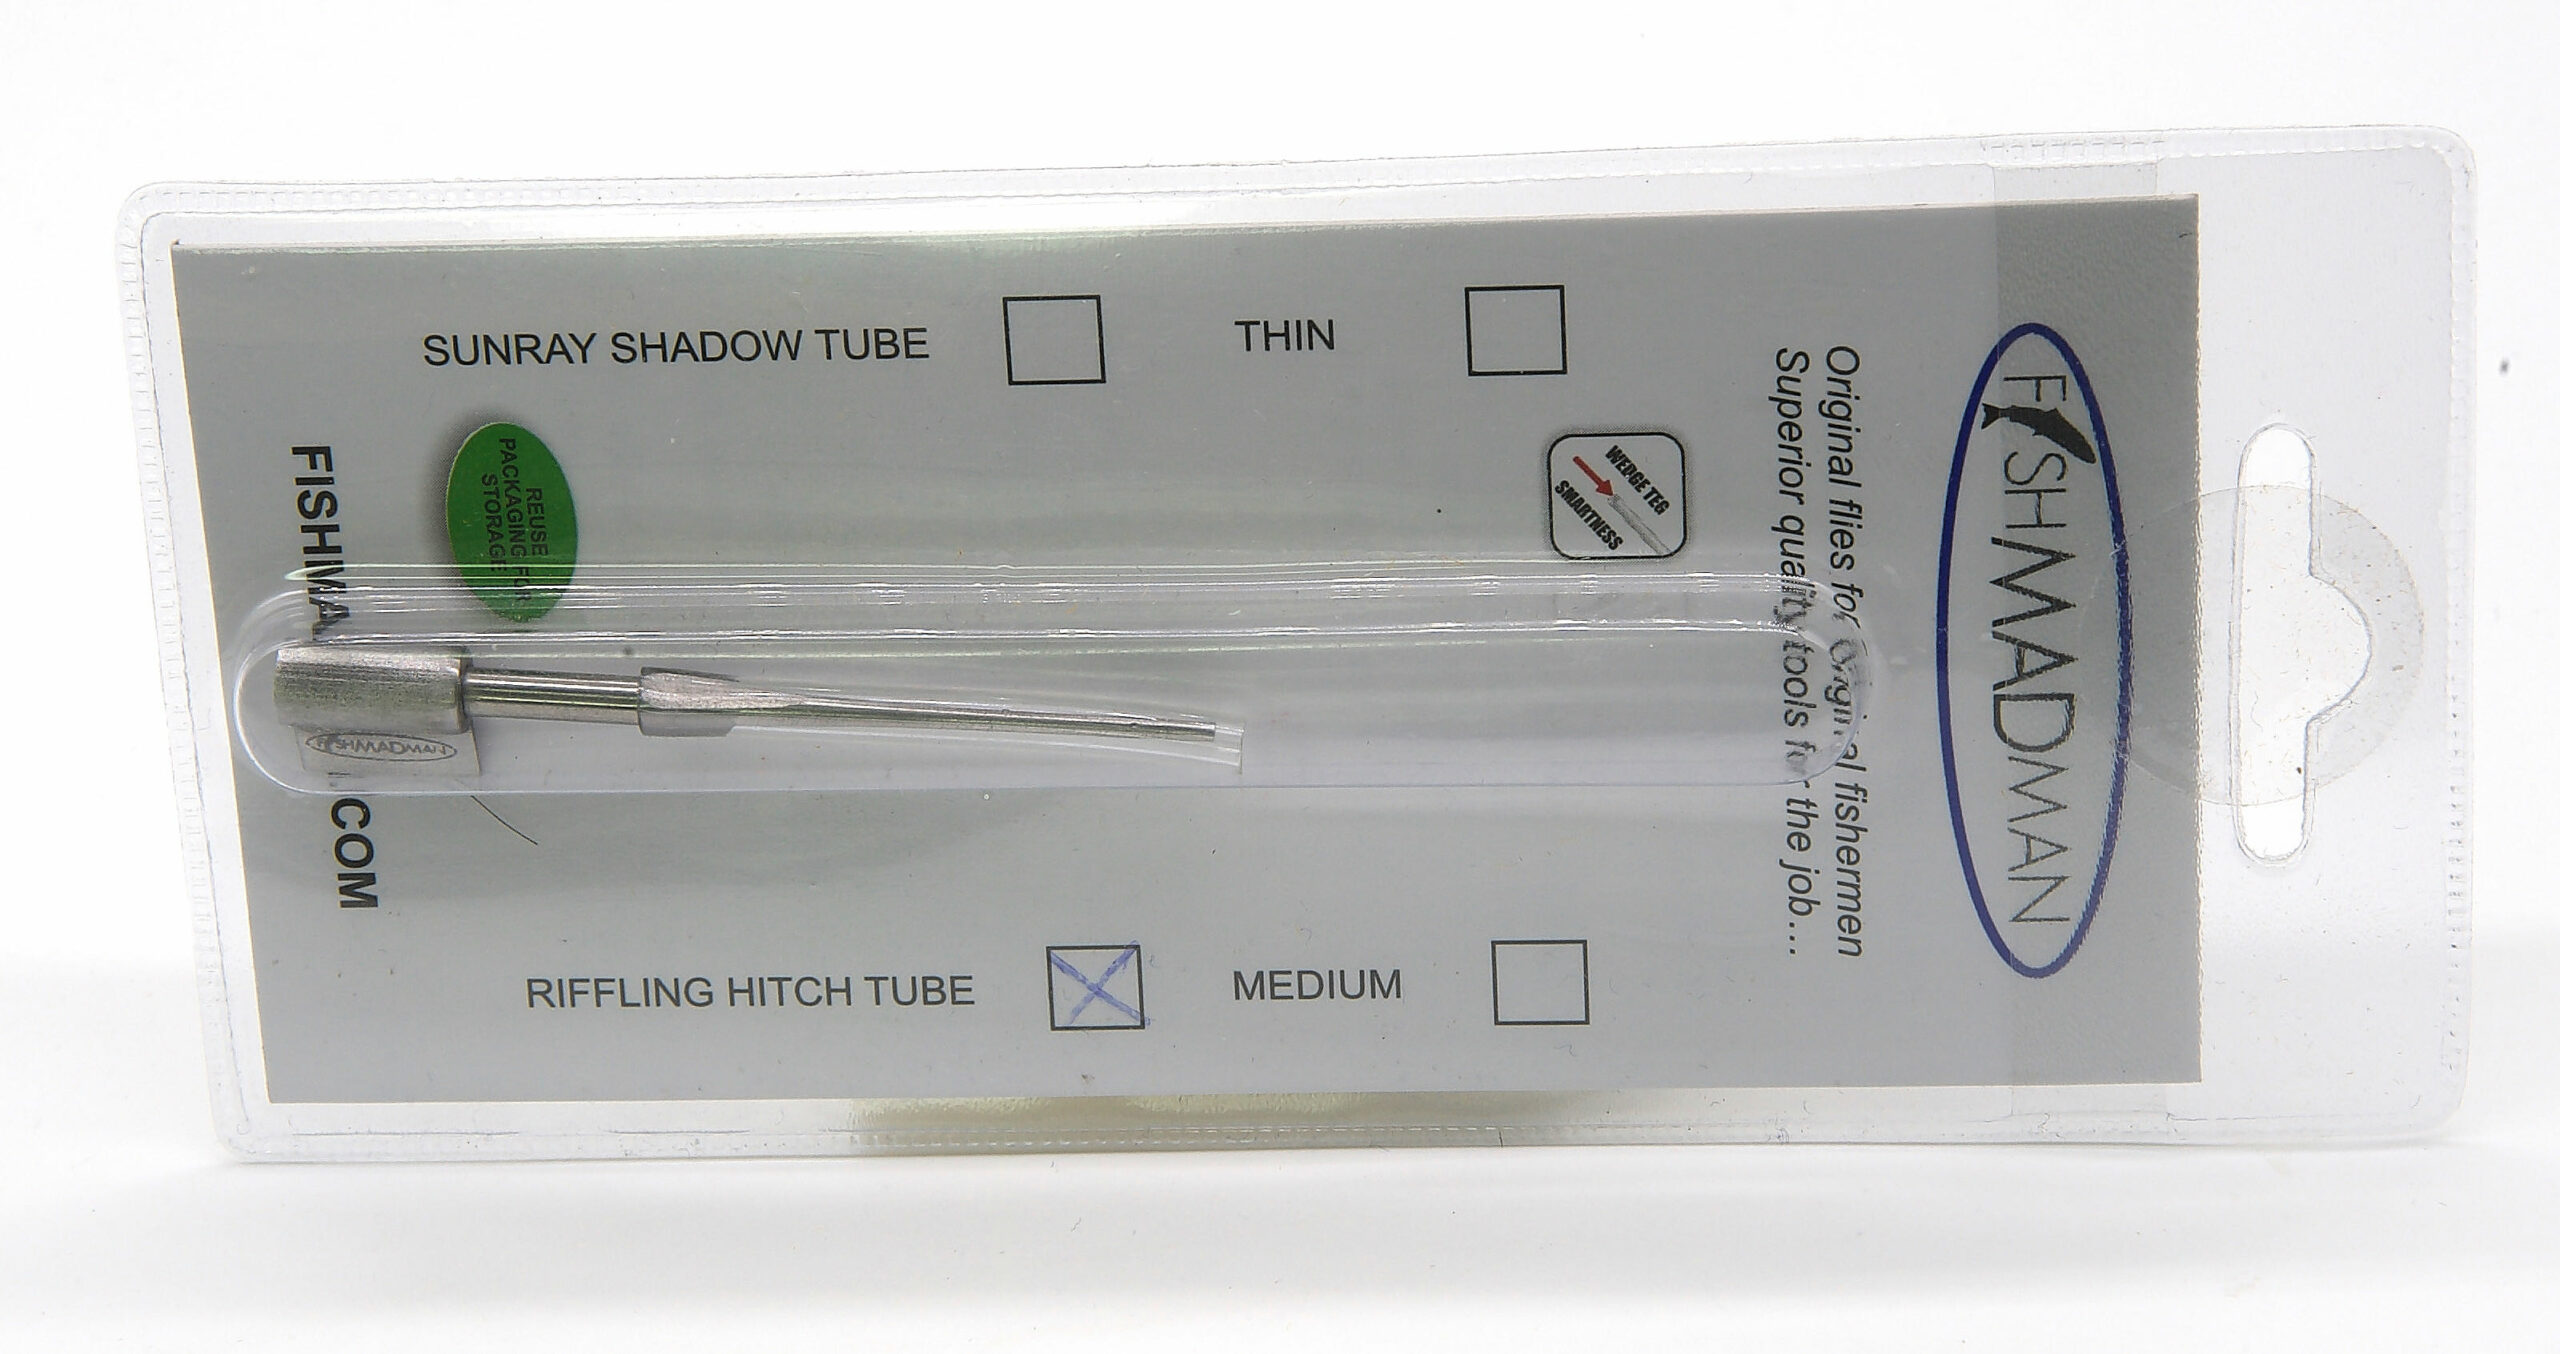 Riffling Hitch Tube Needle